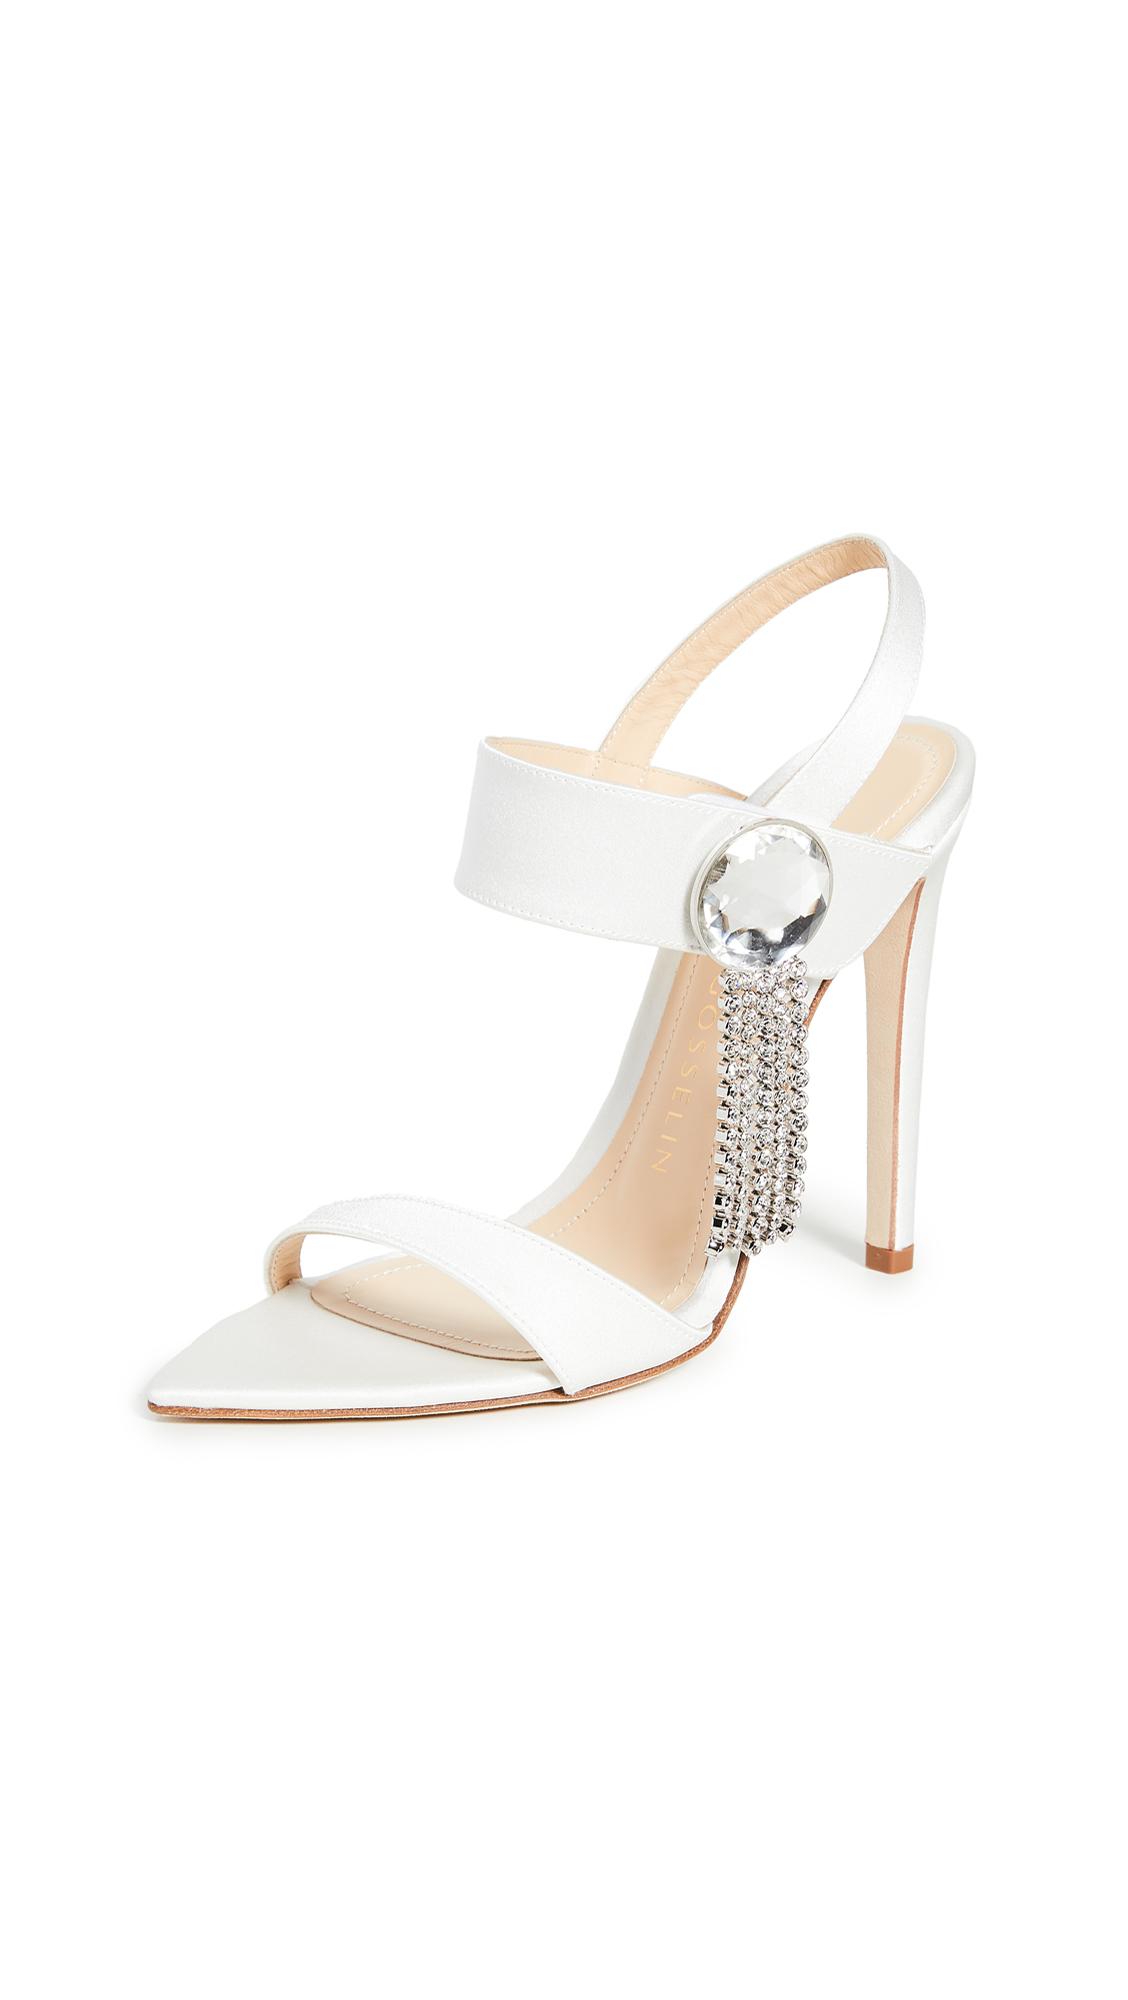 Buy Chloe Gosselin online - photo of Chloe Gosselin 110mm Tori Sandals